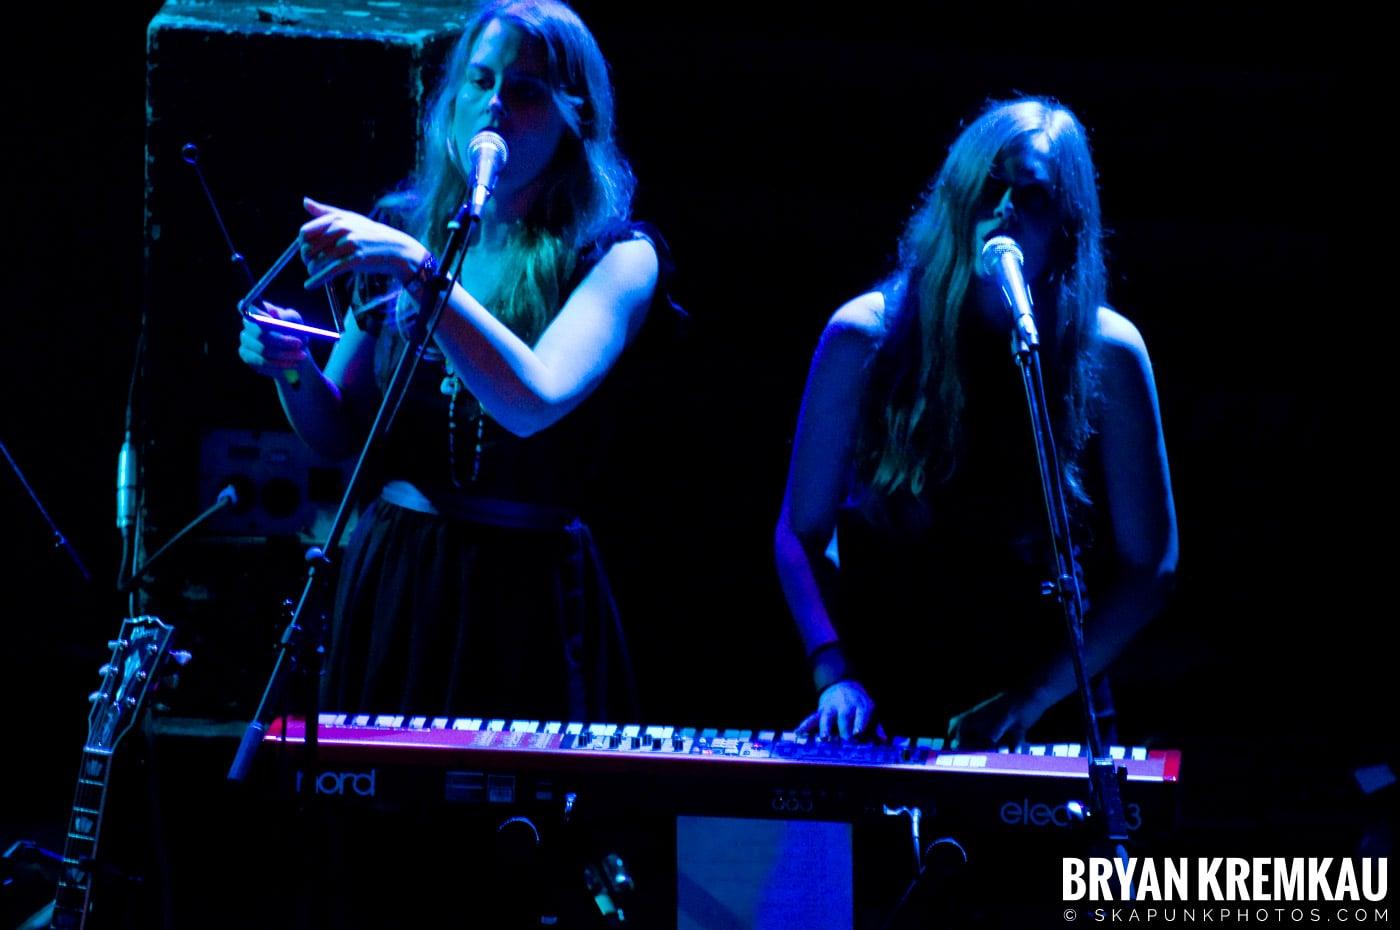 She & Him @ Bowery Ballroom, NYC - 3.29.10 (9)